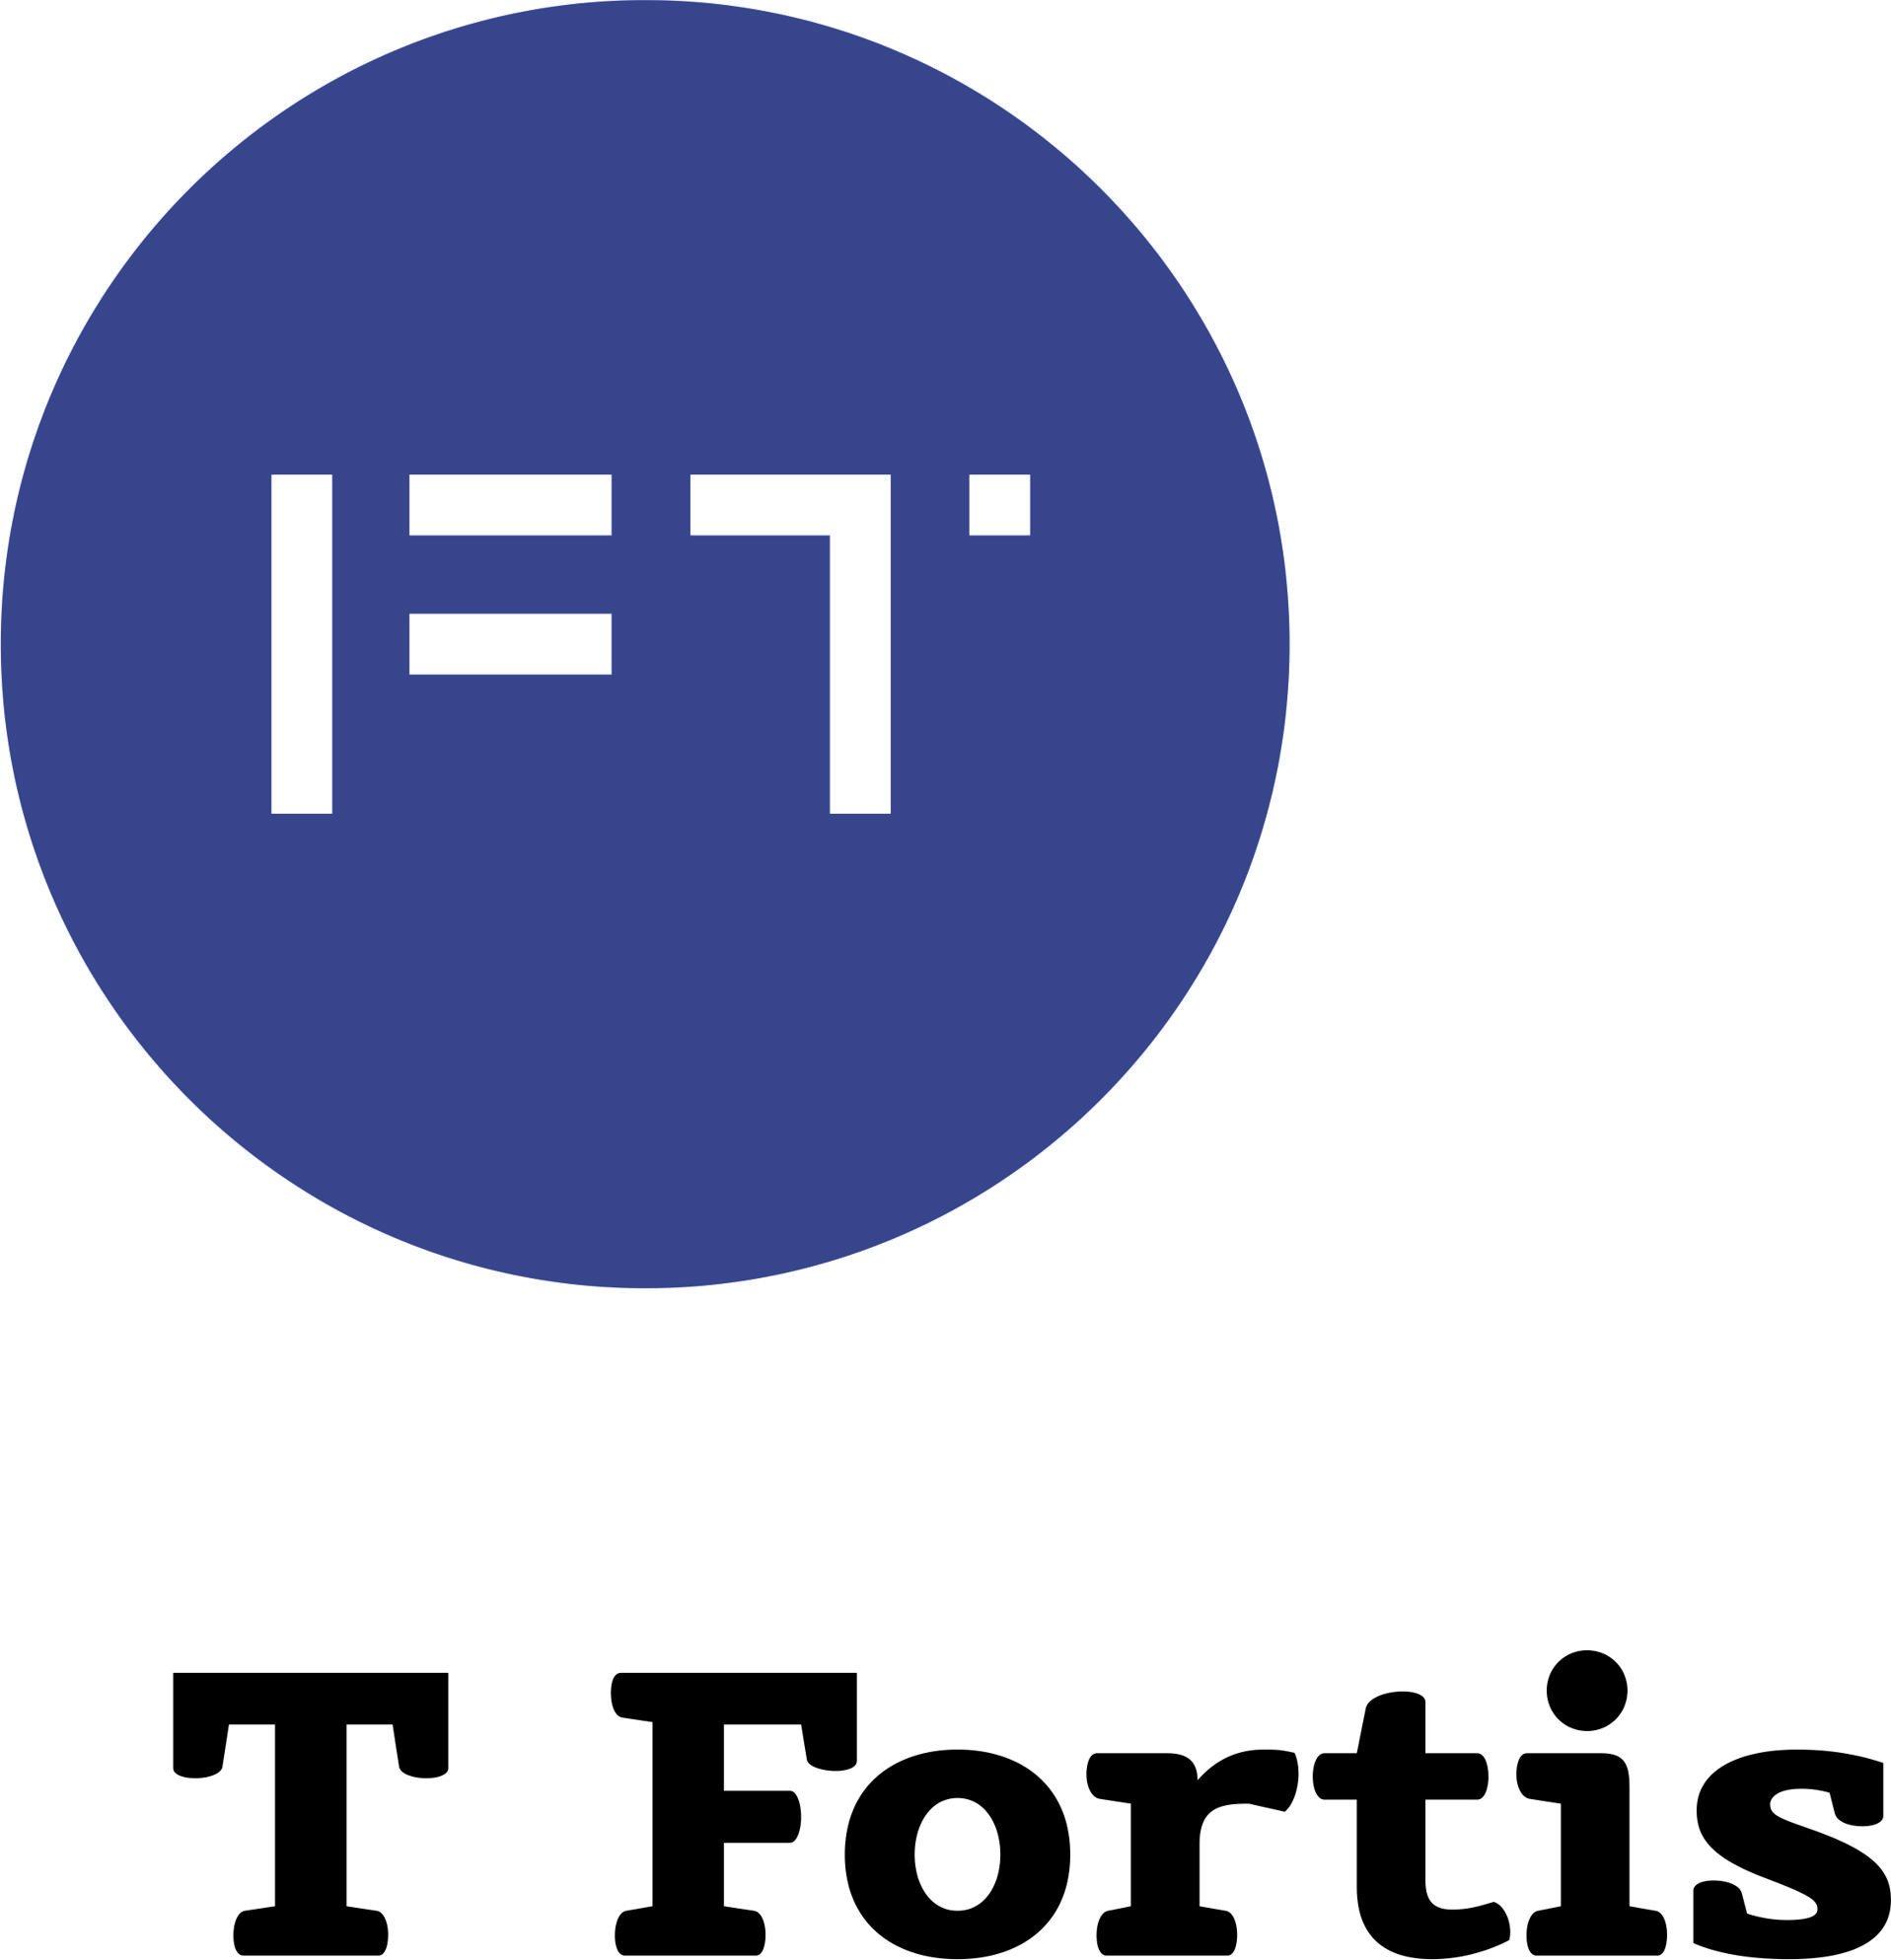 Tfortis